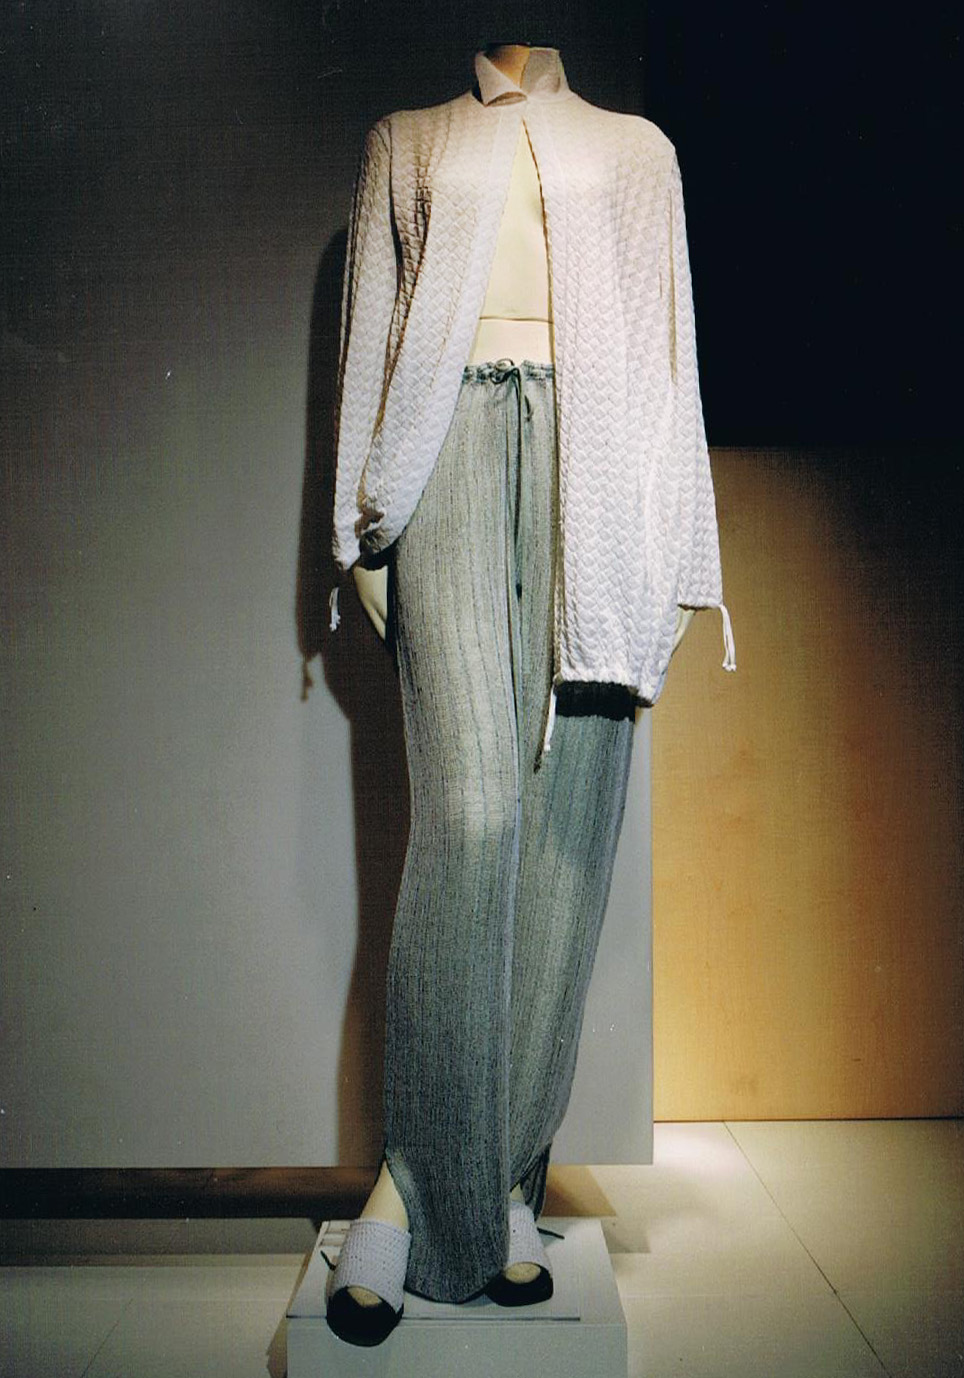 Giuliano&GiusyMarelli_Collezione-SS-2000_Romantic-Sporty-Life_18_Made-in-Italy_Maglieria_Maglia_Knit.jpg